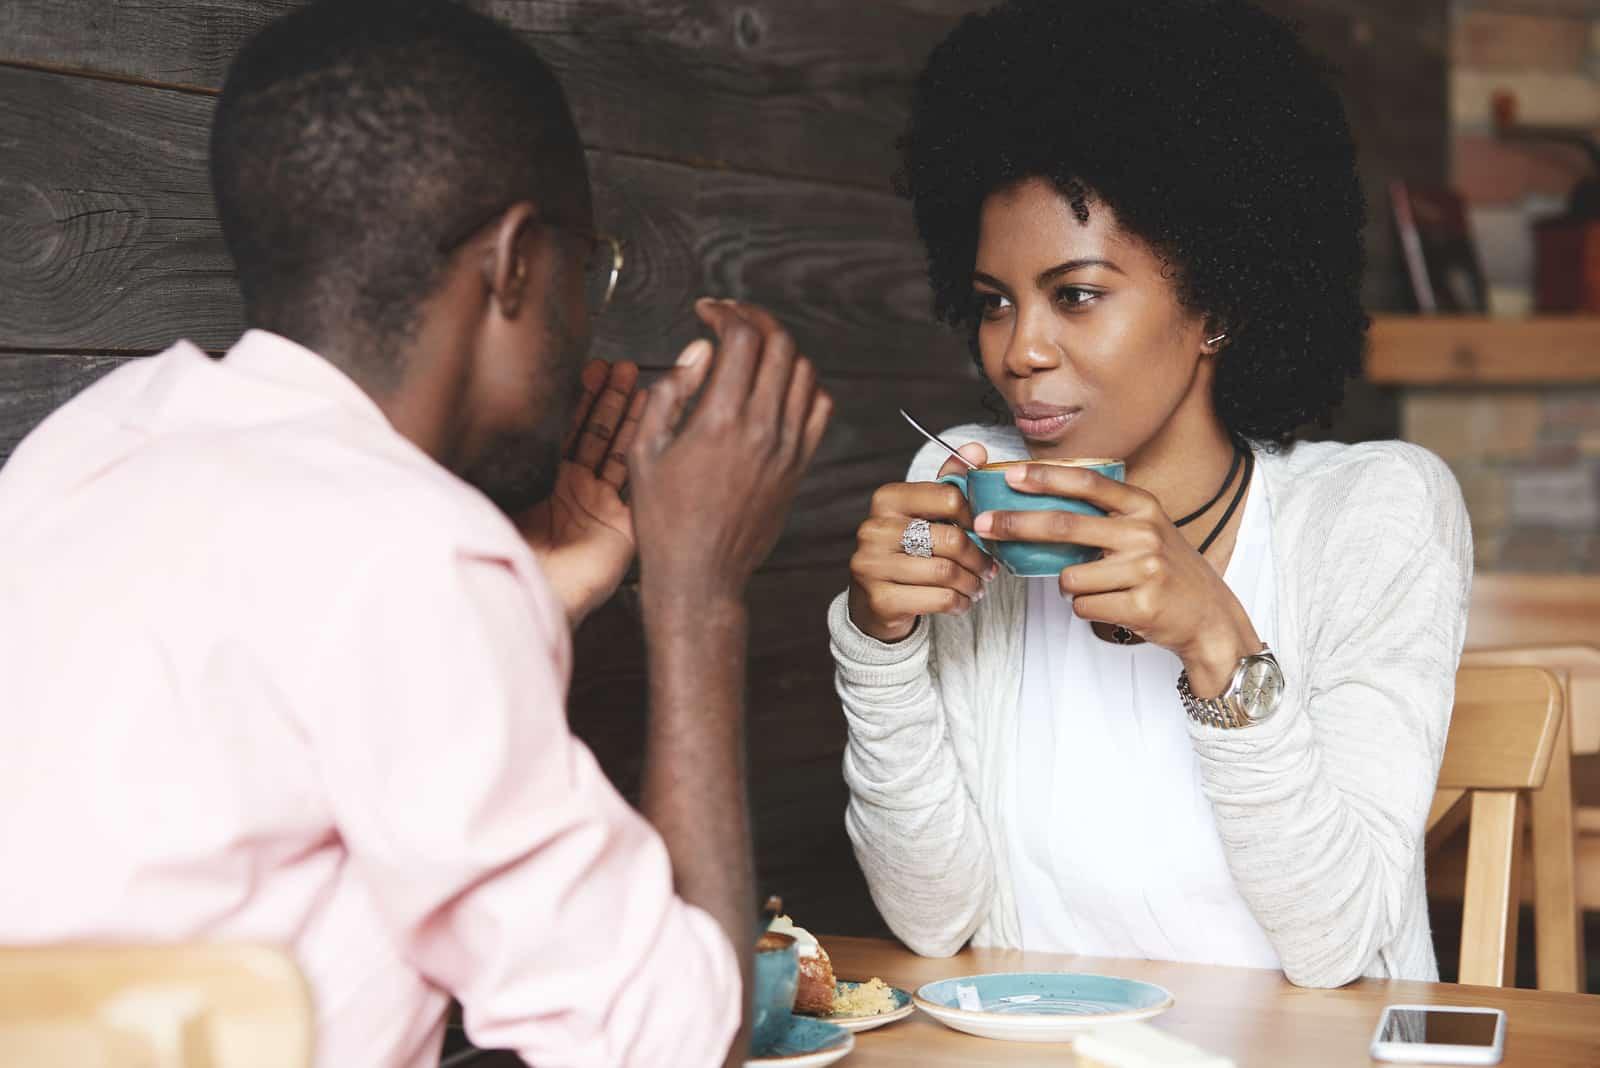 femme regardant son petit ami avec une expression amoureuse